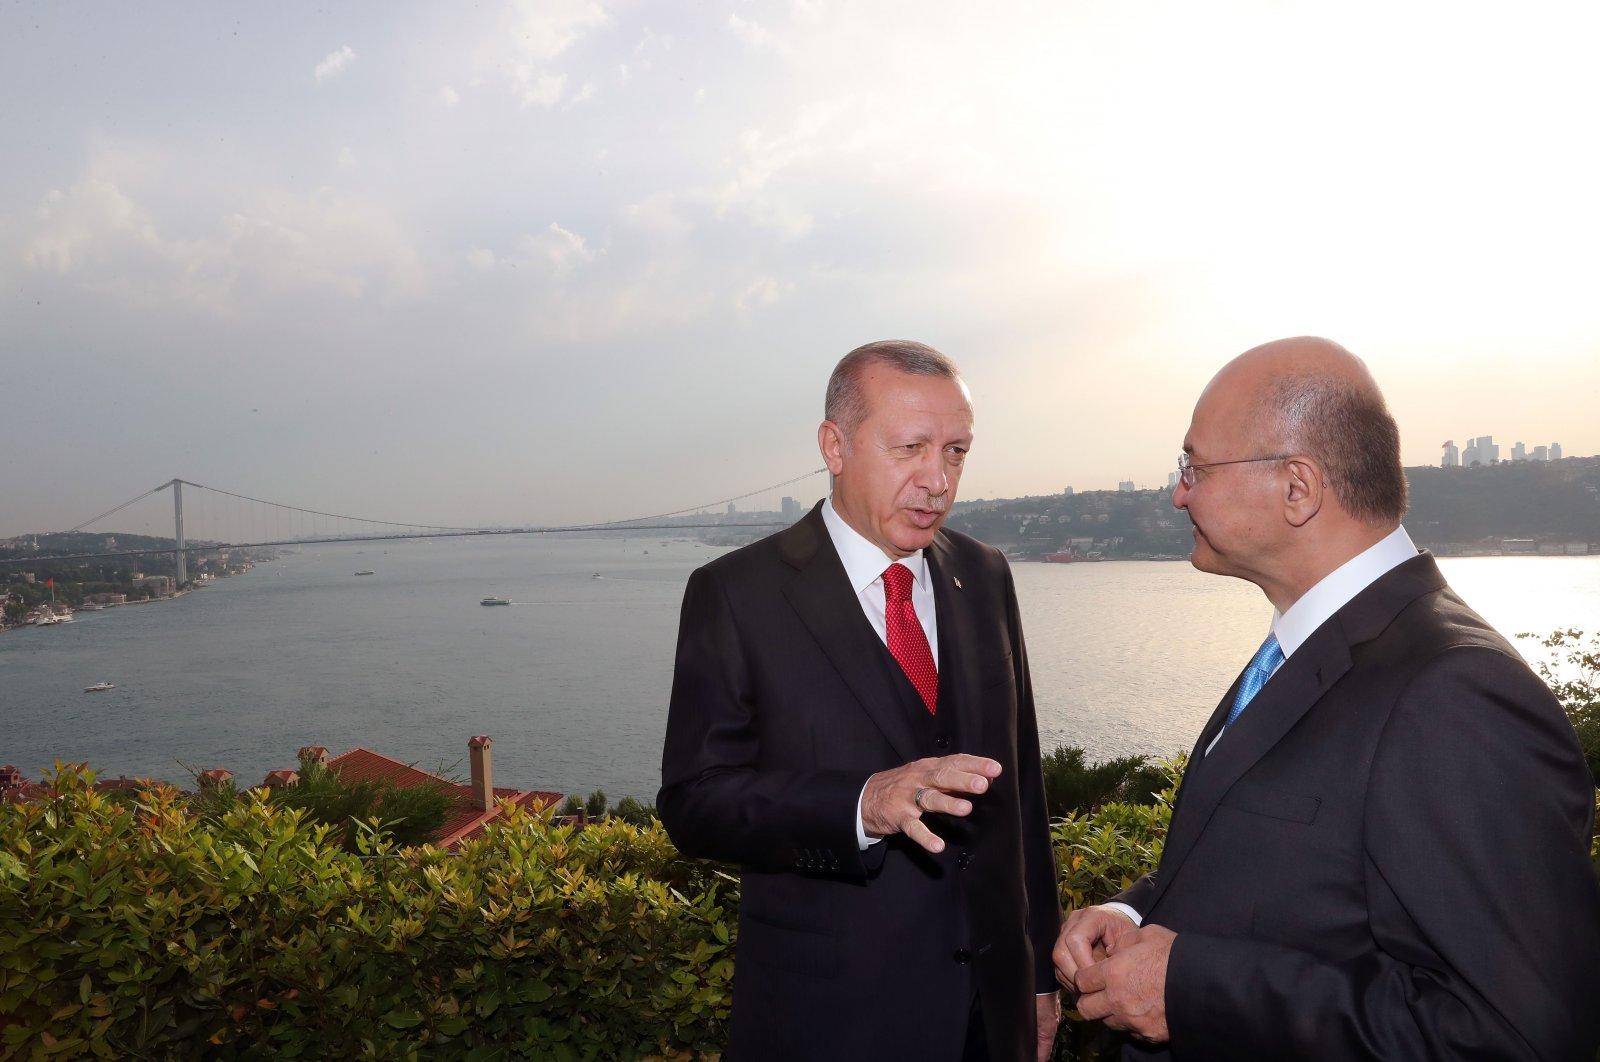 President of Turkey Recep Tayyip Erdoğan (L) gestures as he speaks with Barham Salih at a meeting in Istanbul, Turkey, May 28, 2019. (AFP Photo)